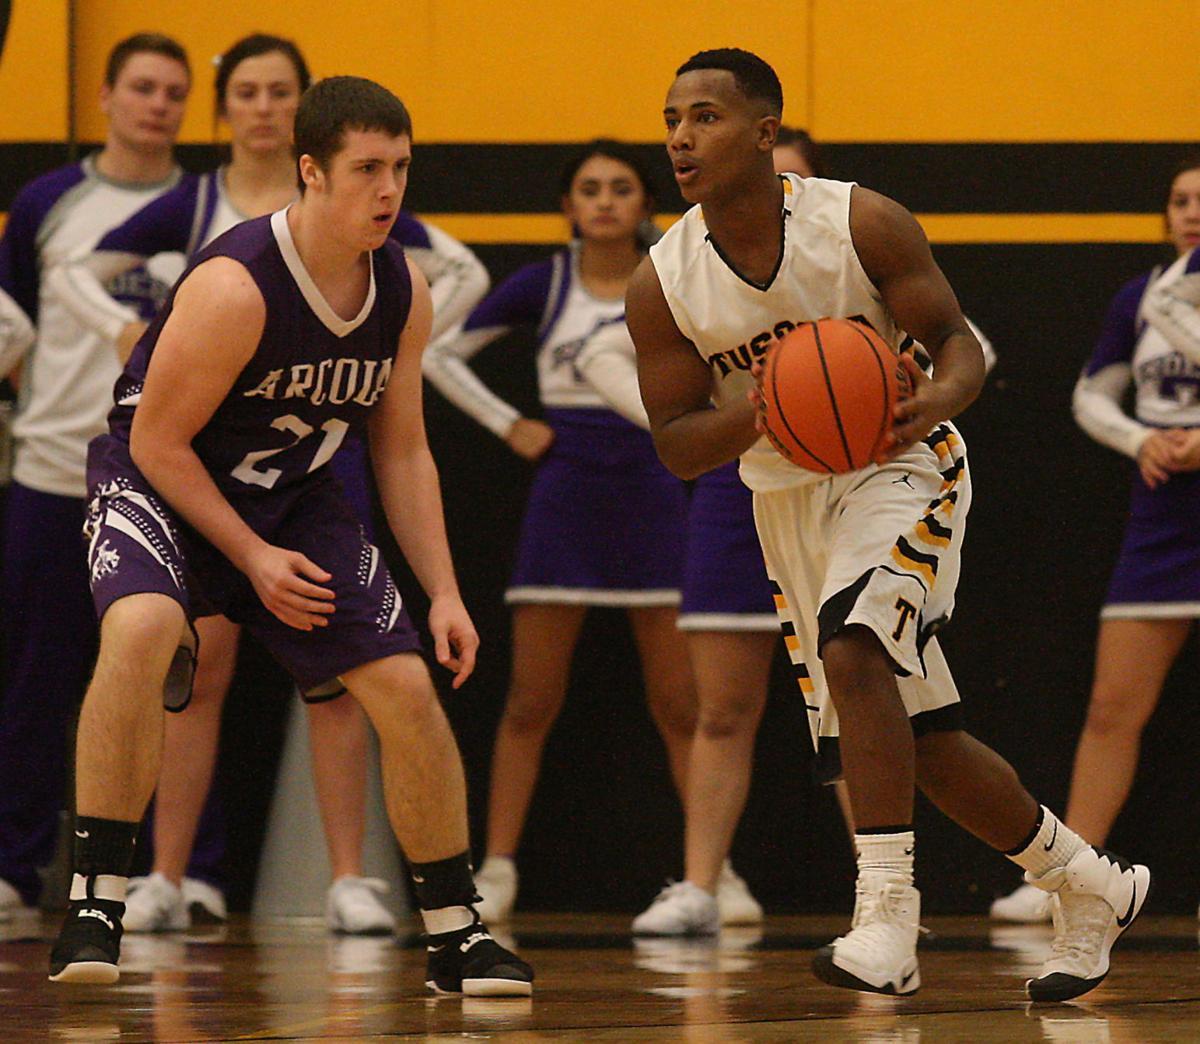 Arcola vs Tuscola Boys Basketball 6 12.20.16.jpg